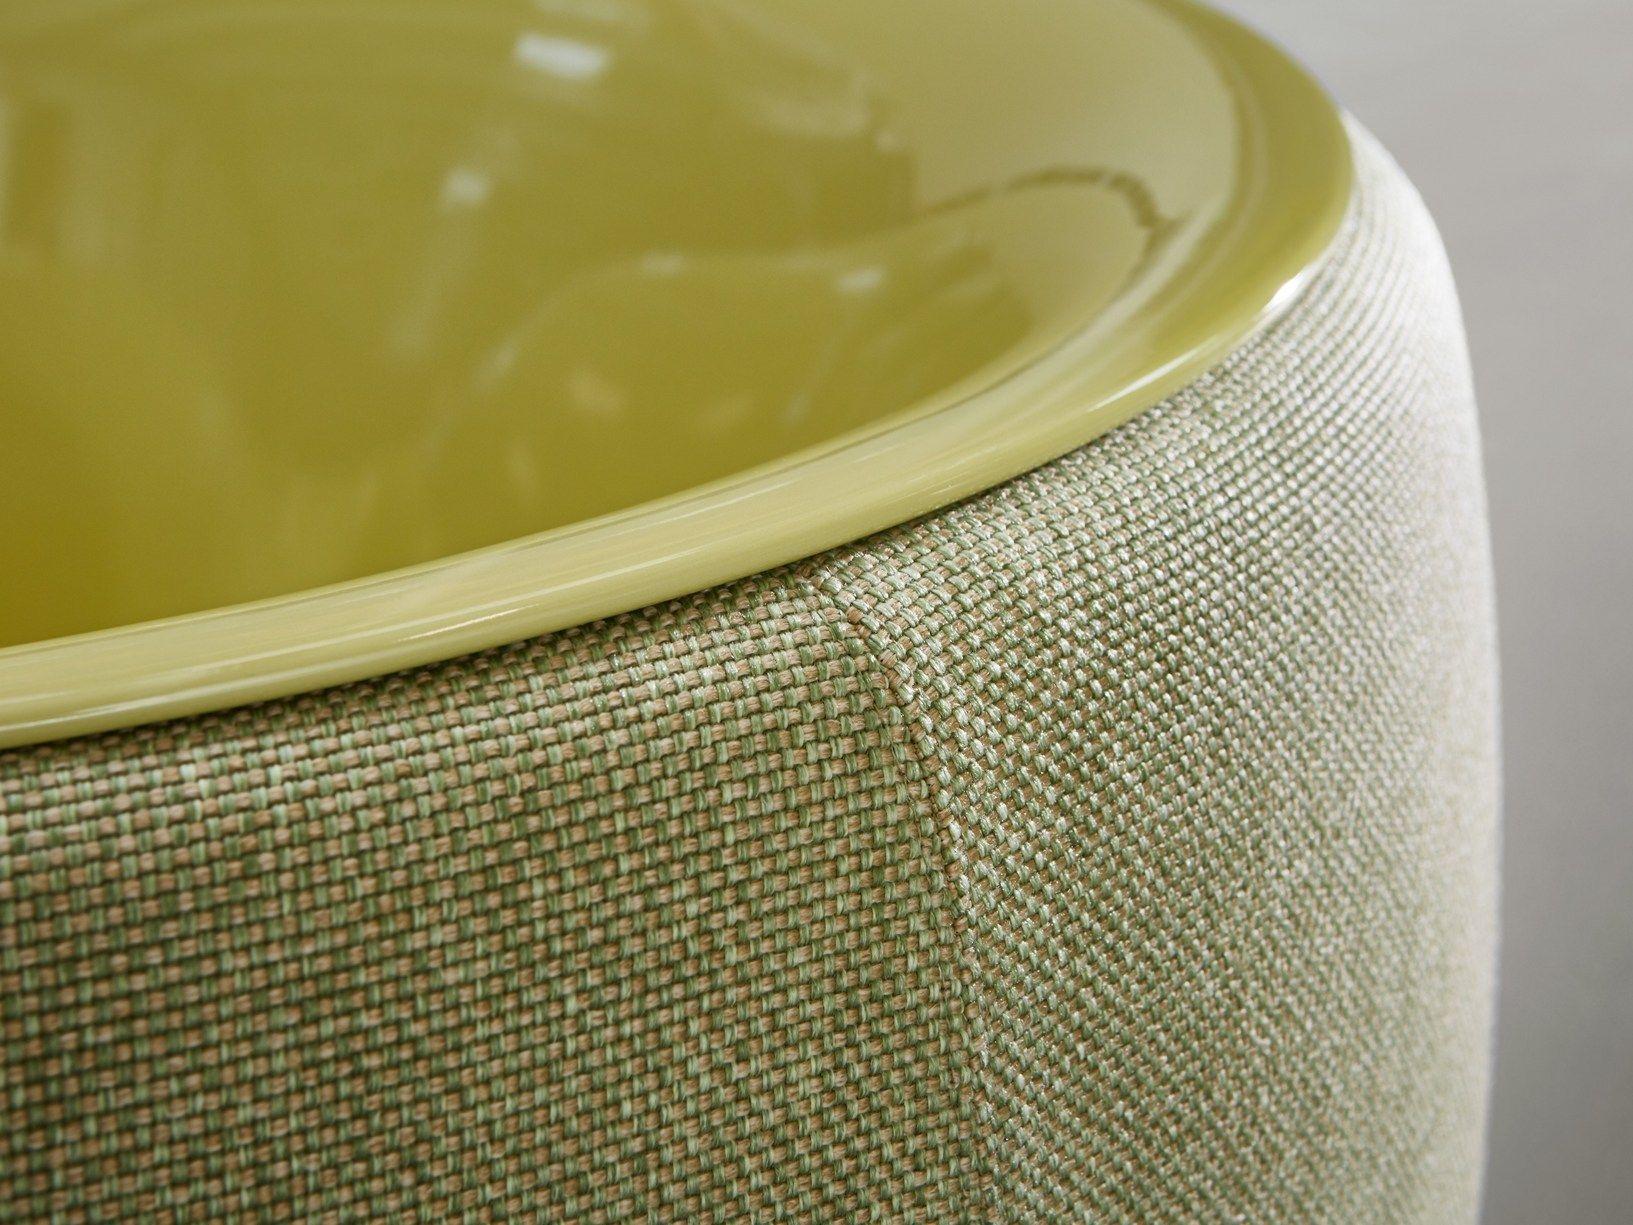 Vasca Da Bagno Acciaio Porcellanato : Acciaio smaltato tessuto per la vasca da bagno